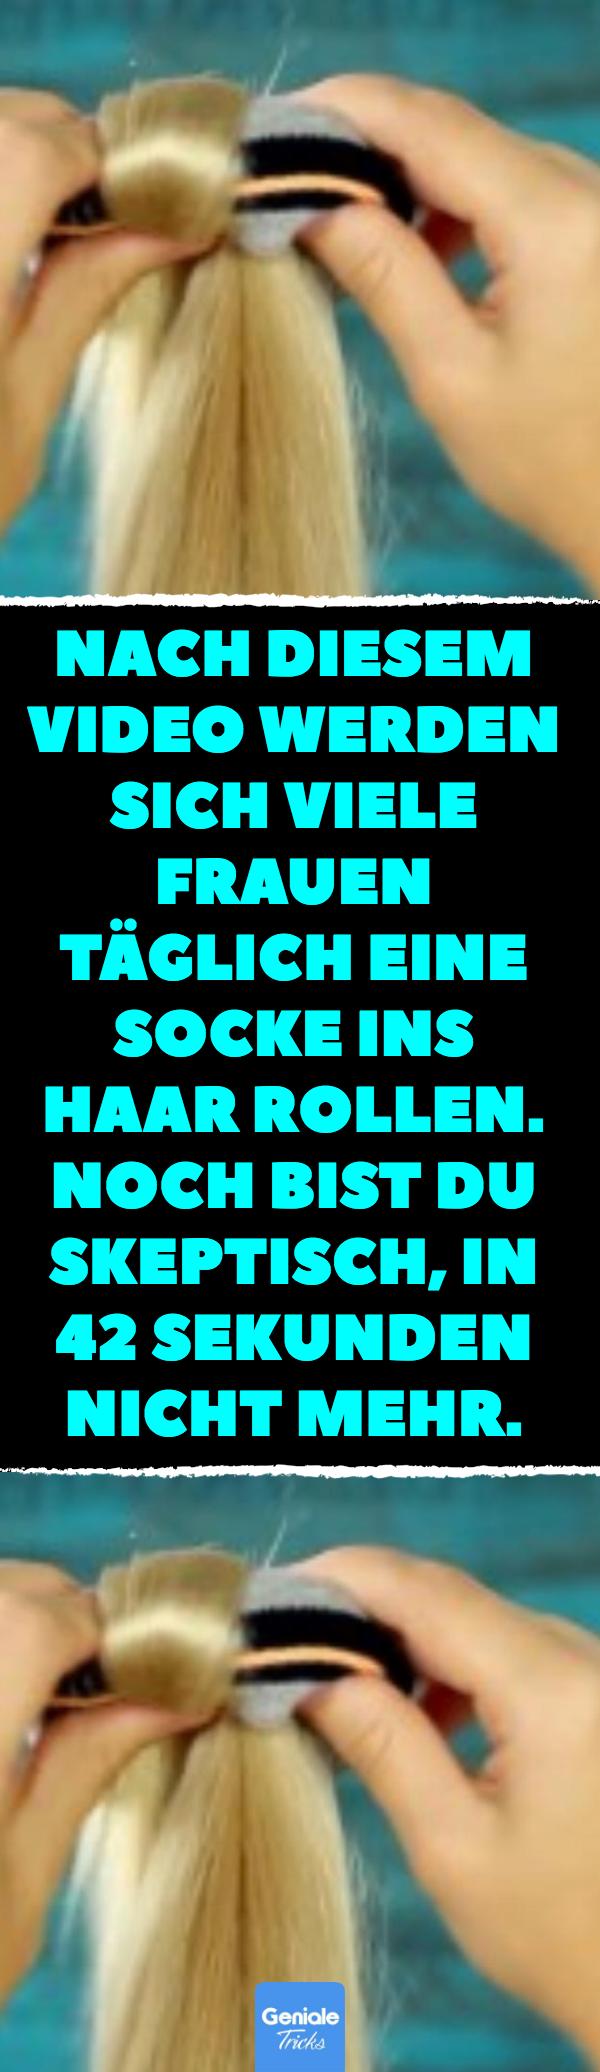 Nach diesem Video werden sich viele Frauen täglich eine Socke ins Haar rollen. Noch bist du skeptisch, in 42 Sekunden nicht mehr. Frisier-Trick: 30-Sekunden-Frisur mit Socke. #lifehacks #frisur #socke #dutt #frisur